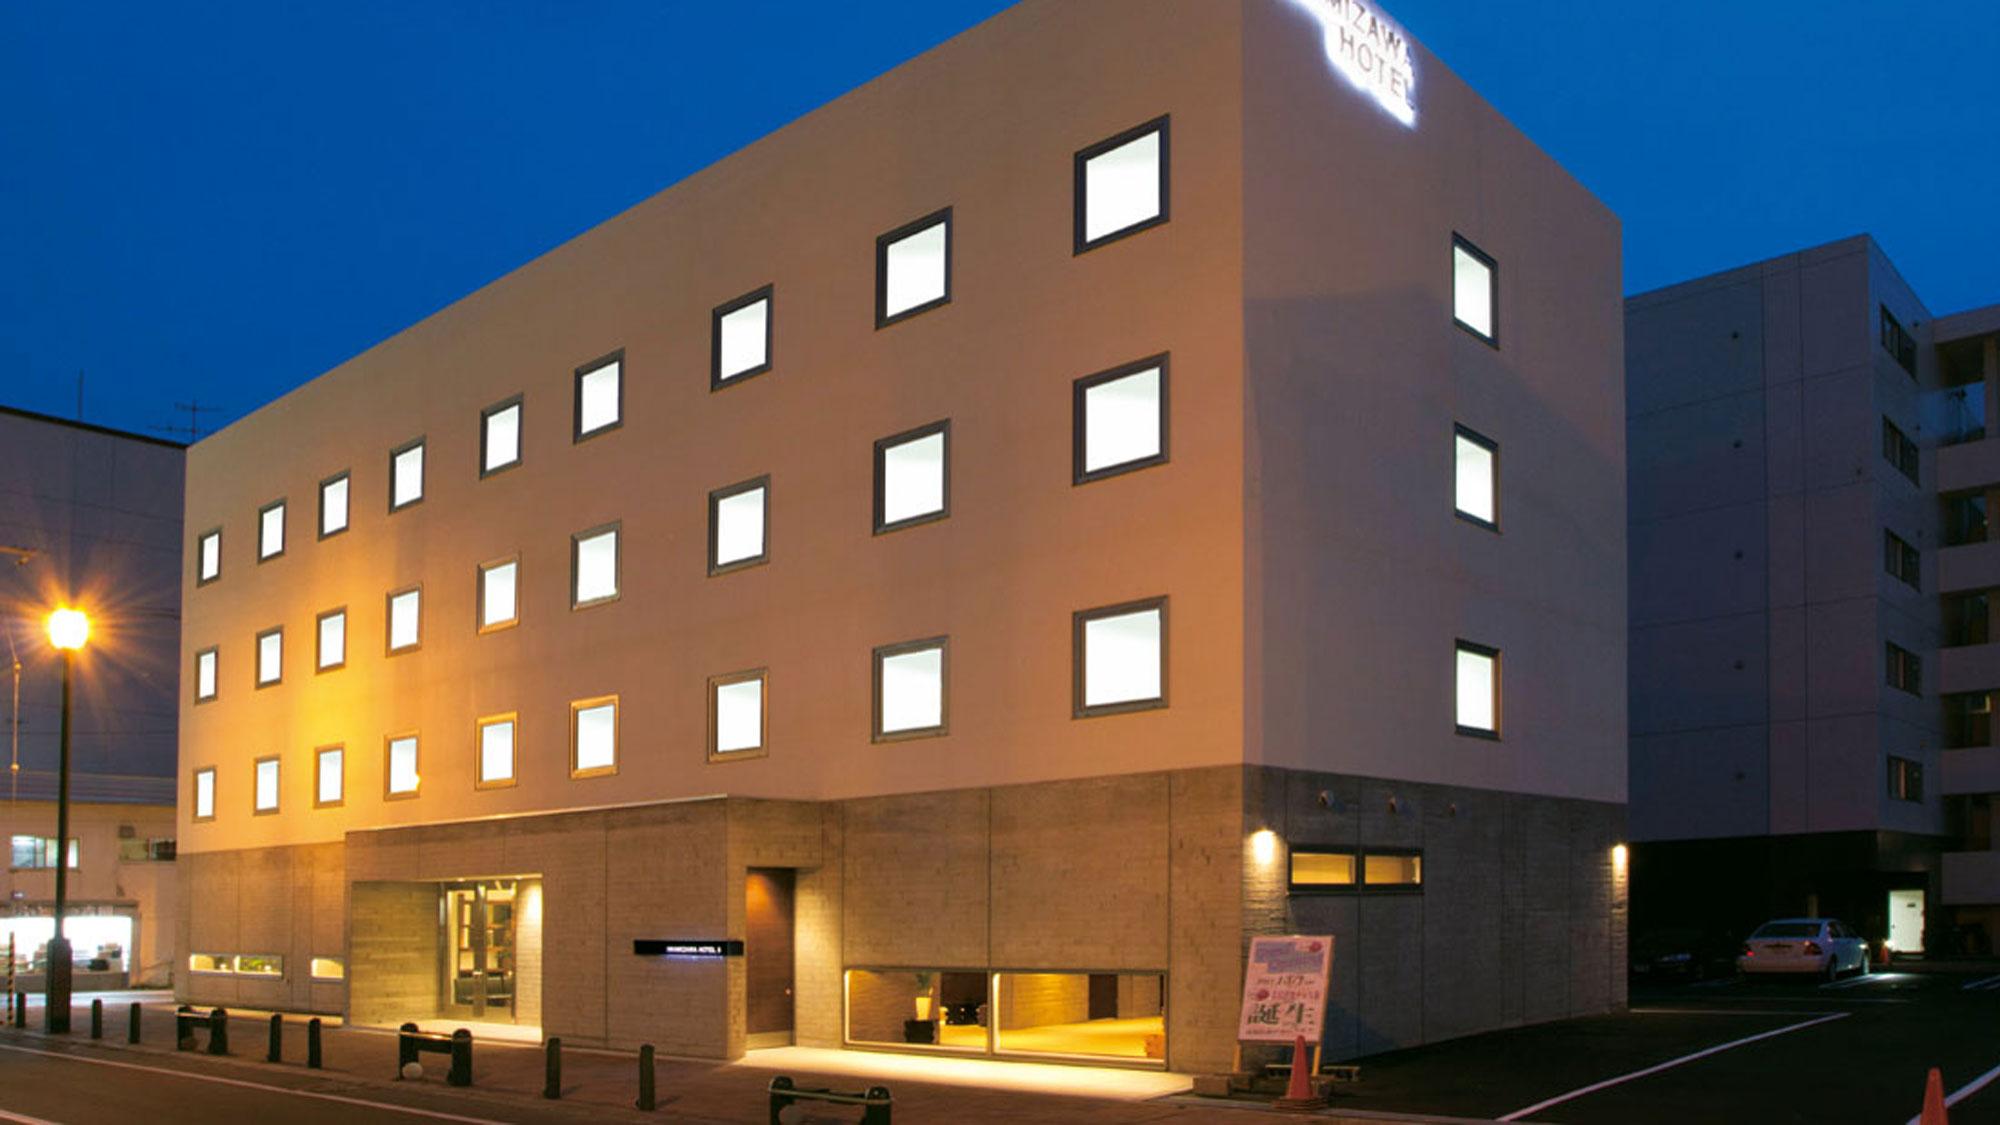 岩見沢 ホテル 5条◆楽天トラベル